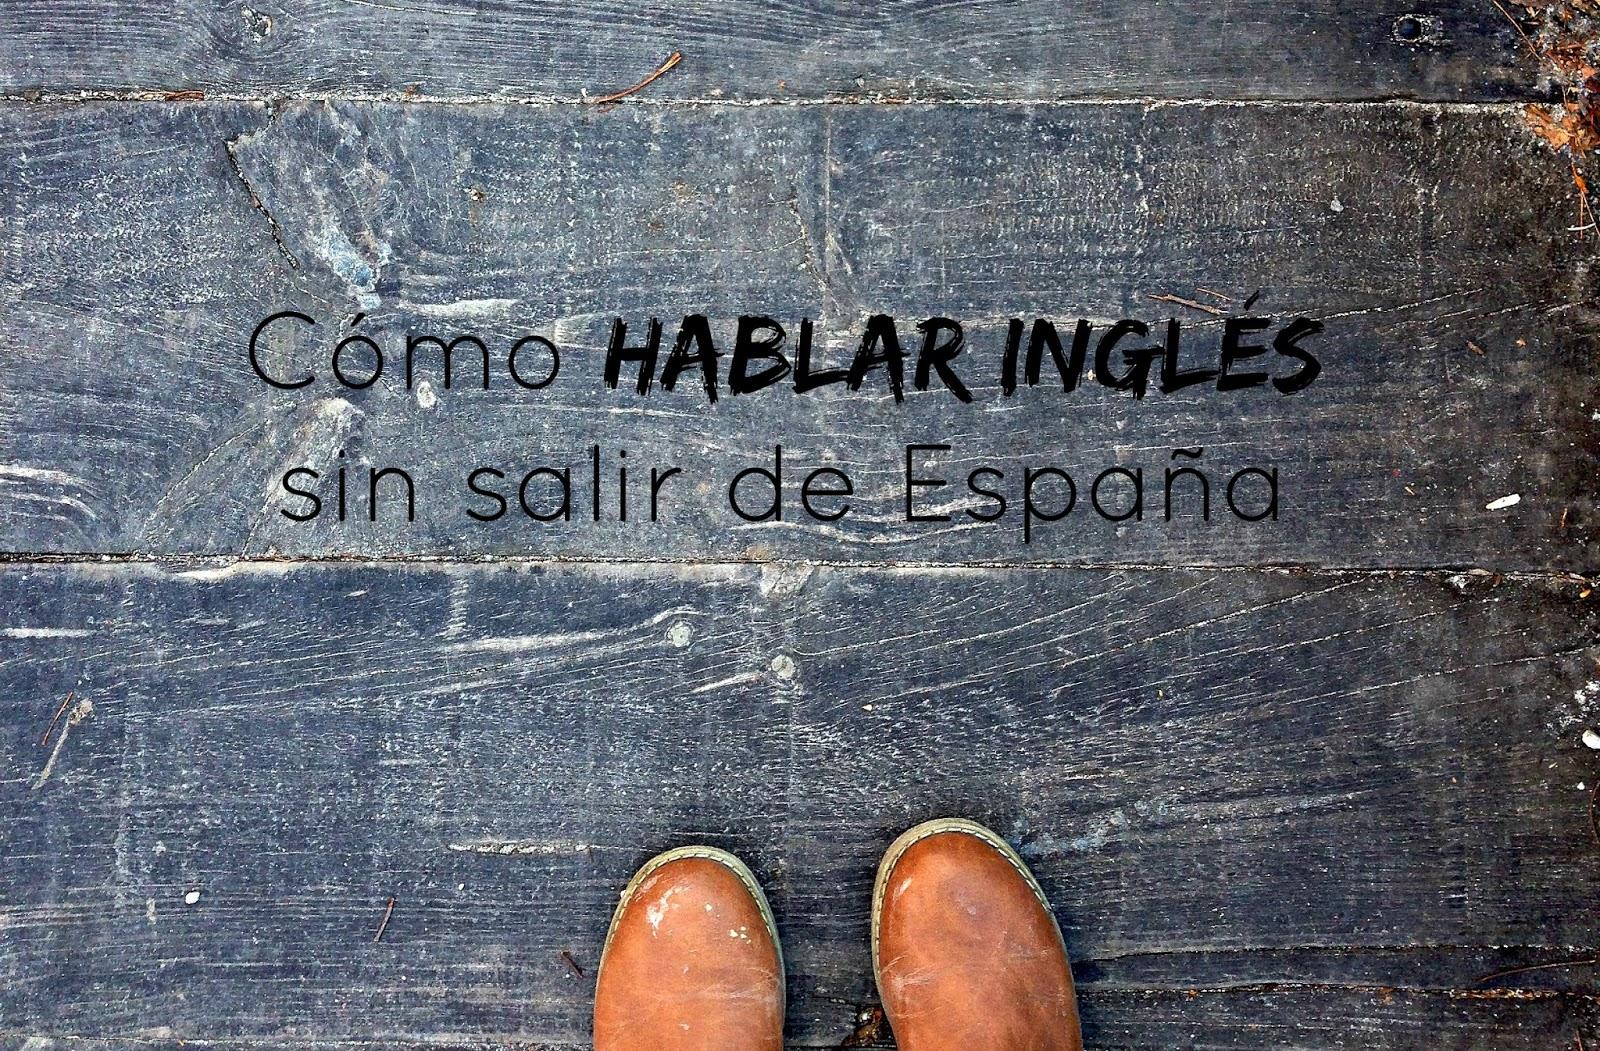 http://mediasytintas.blogspot.com/2015/04/hablar-ingles-sin-salir-de-espana.html